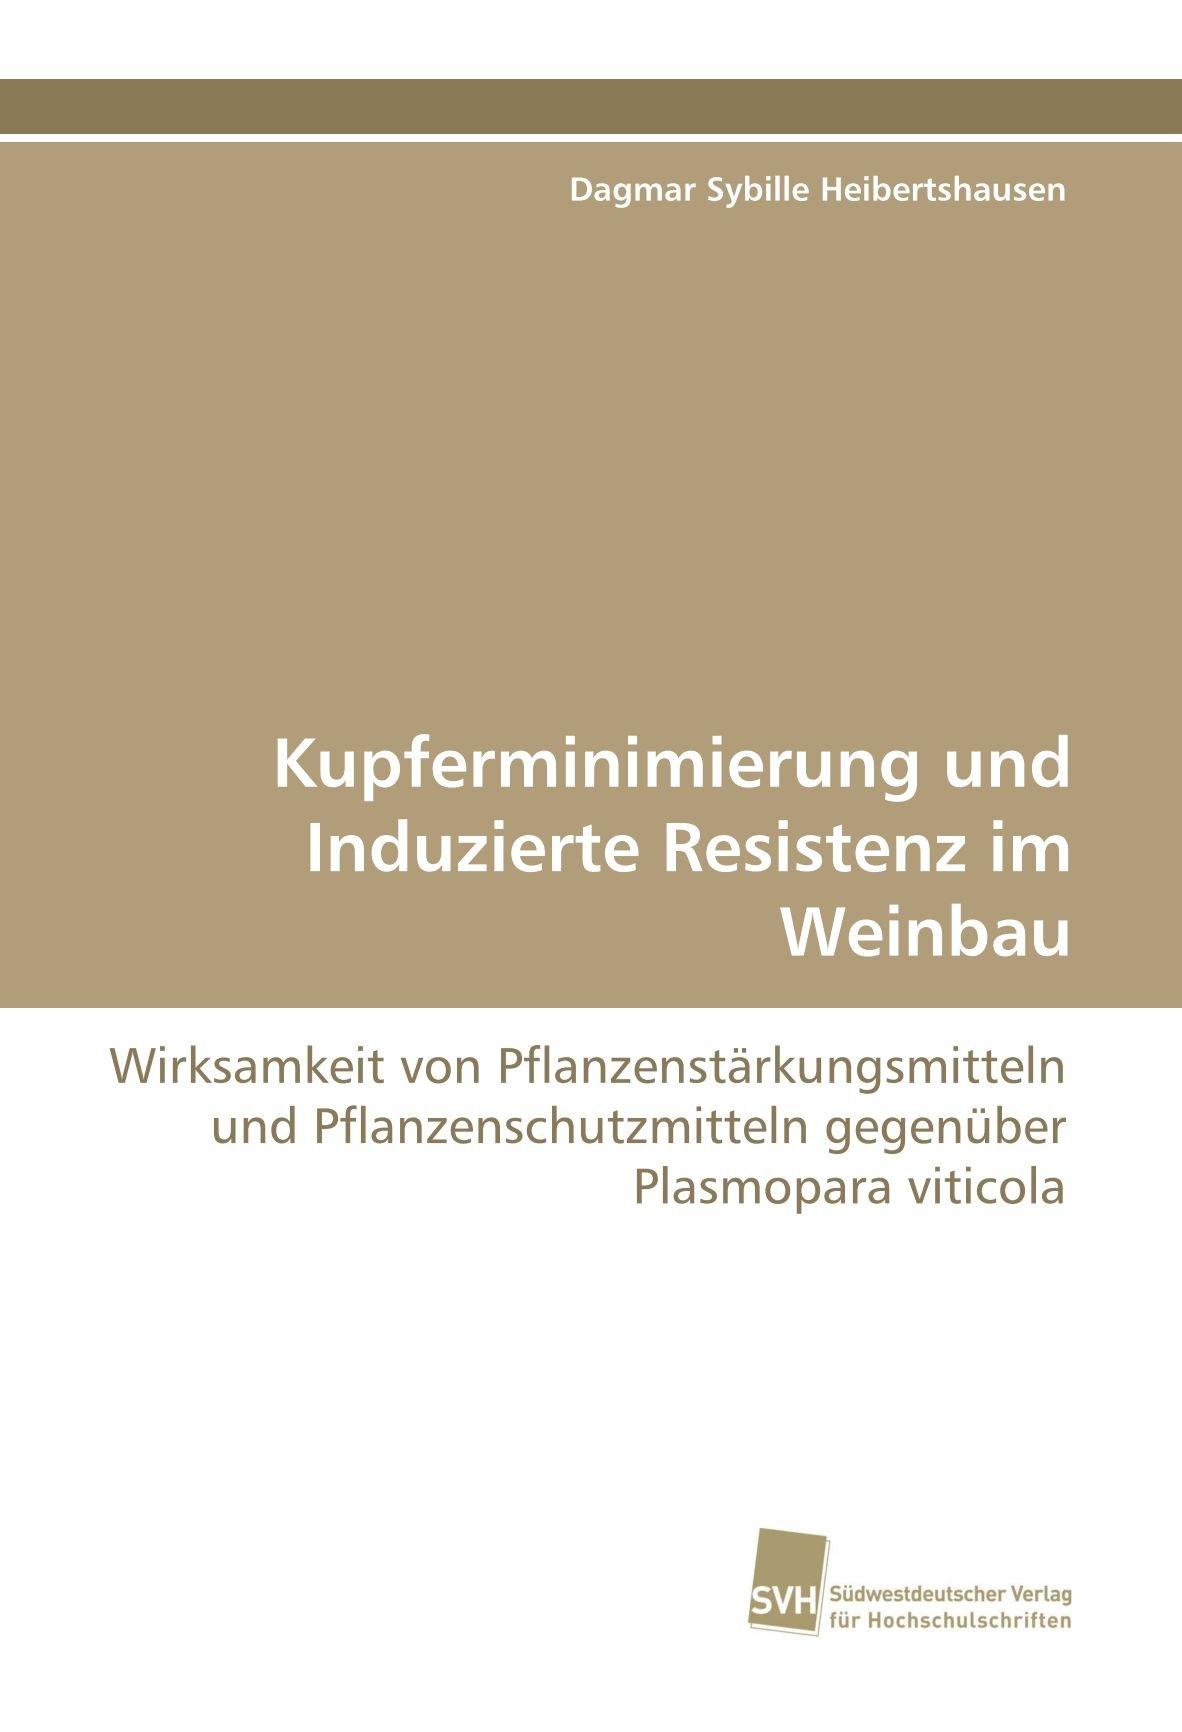 Kupferminimierung und Induzierte Resistenz im Weinbau: Wirksamkeit von Pflanzenstärkungsmitteln und Pflanzenschutzmitteln gegenüber Plasmopara viticola